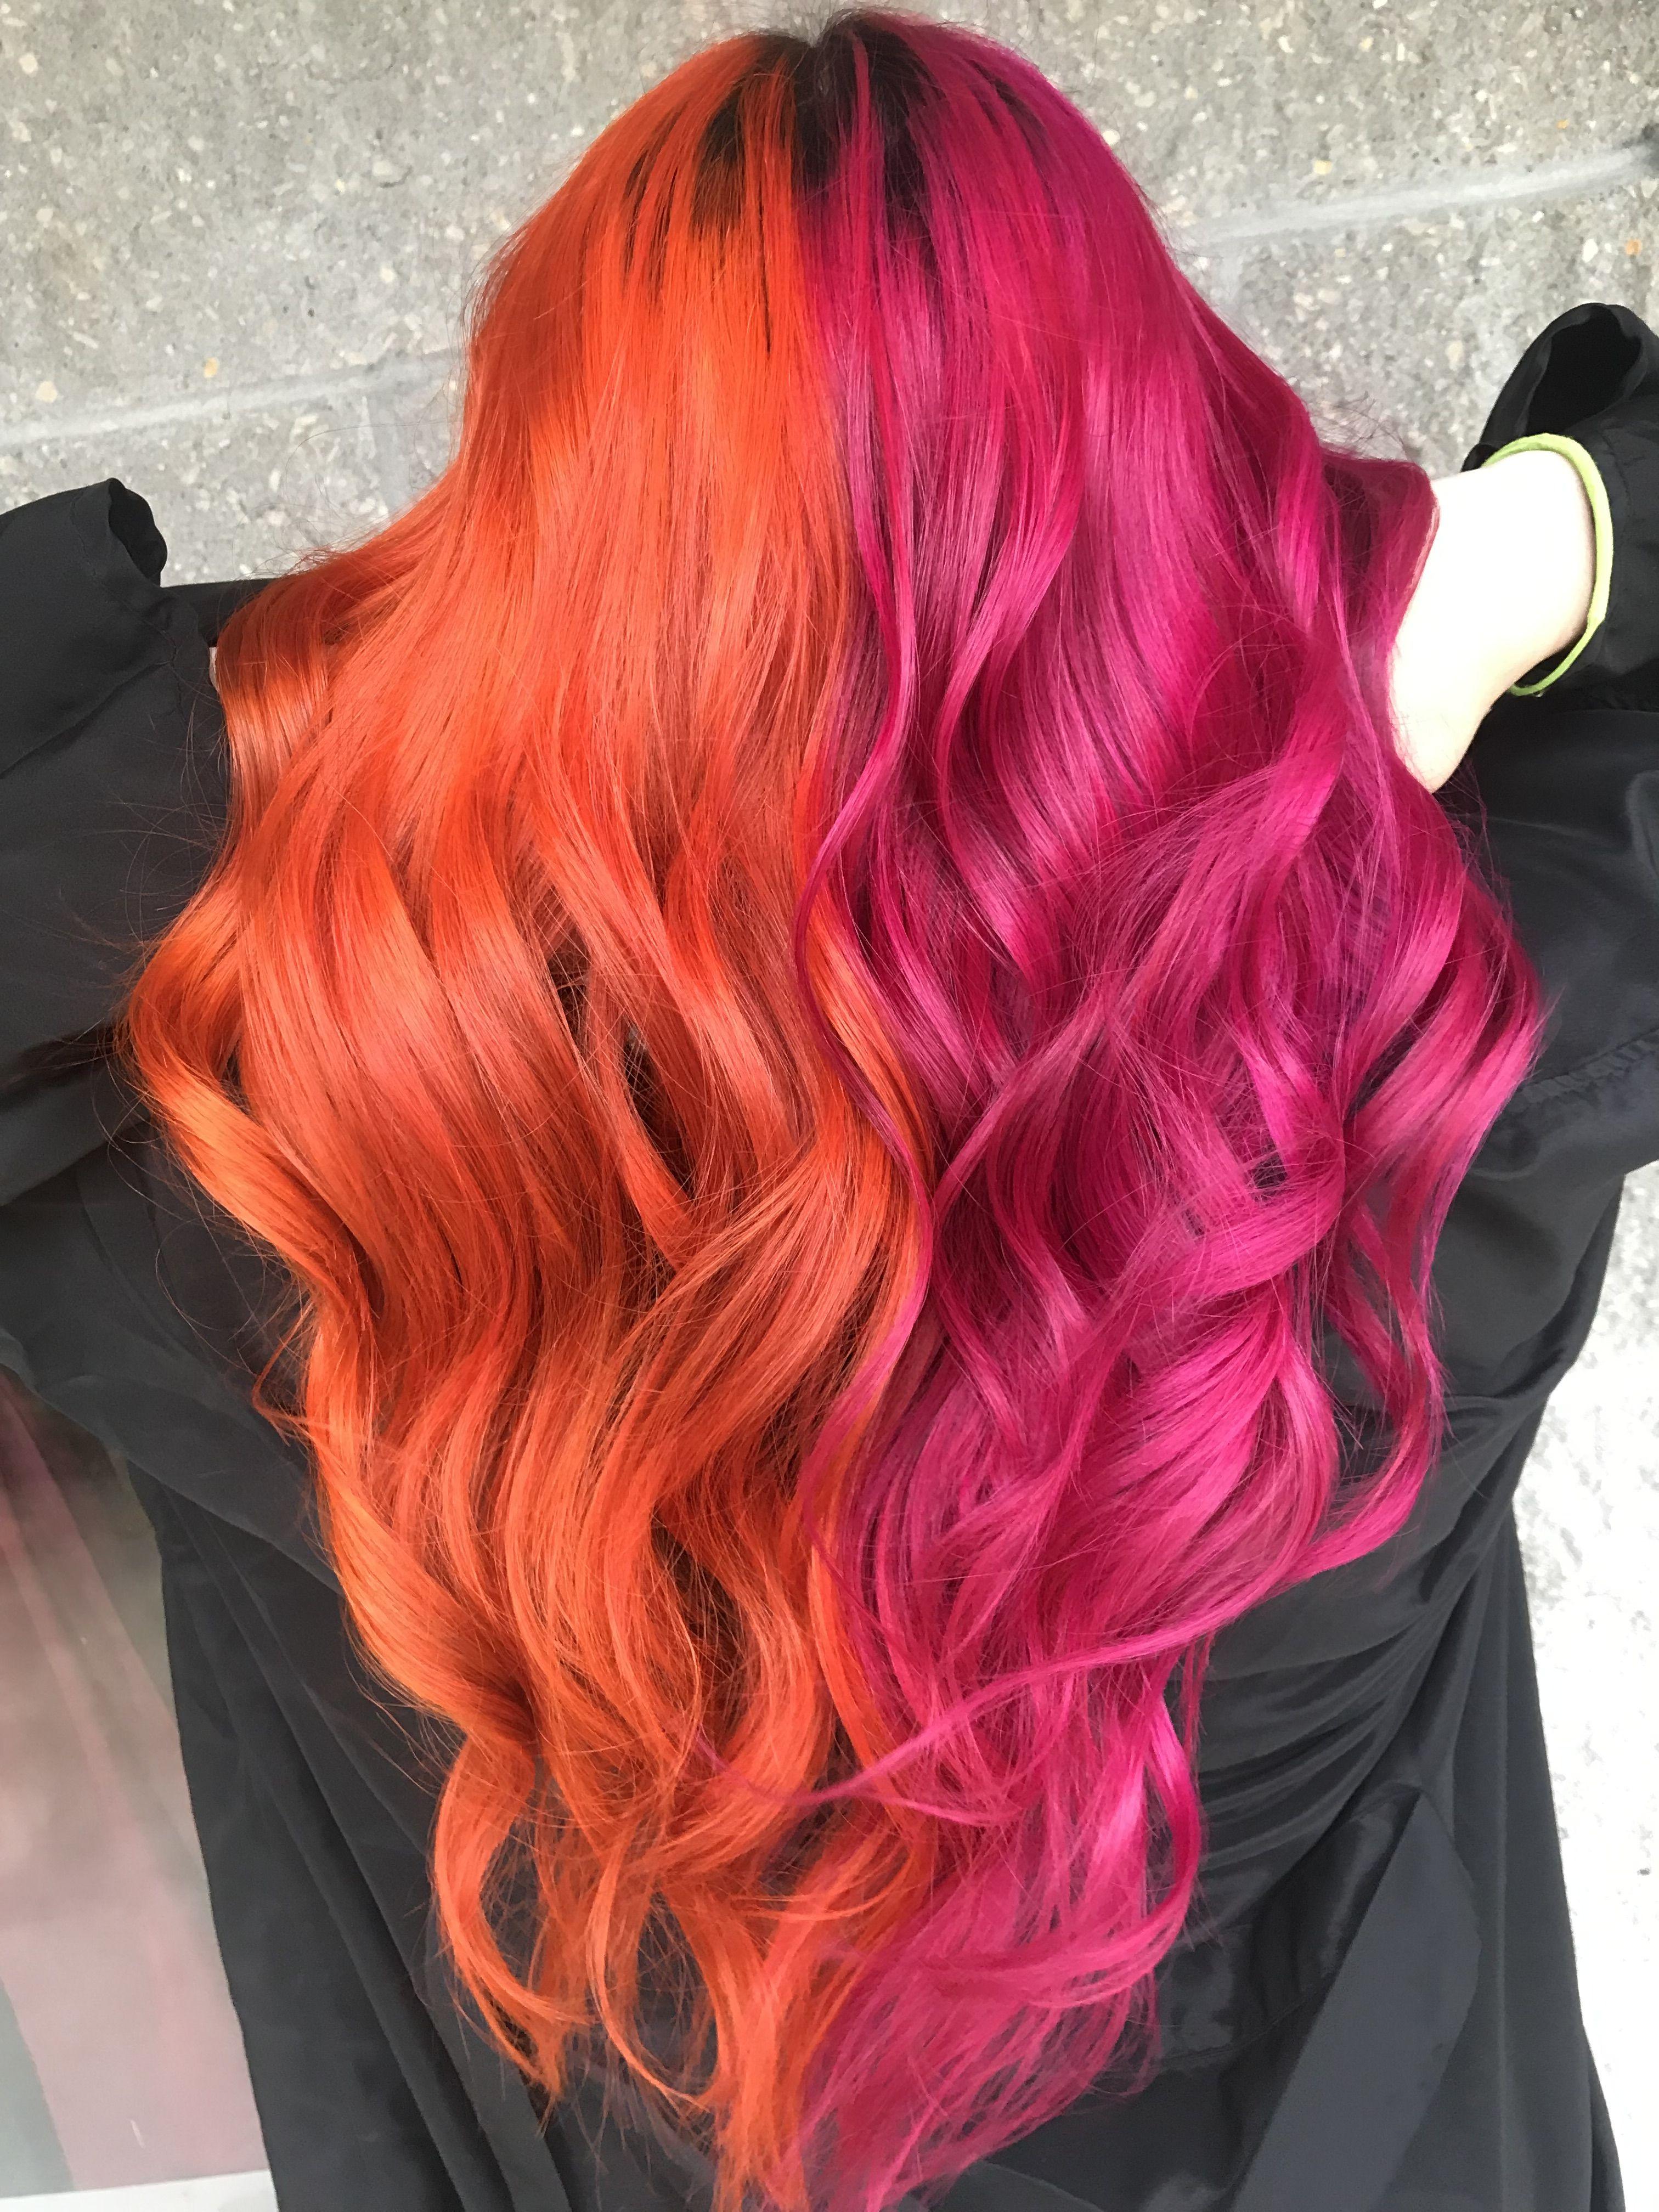 Split Orange And Pink Hair Hair Hairdye Splithair Orangehair Pinkhair Orange Pink Matrixcol Pink And Orange Hair Hair Color Orange Split Dyed Hair